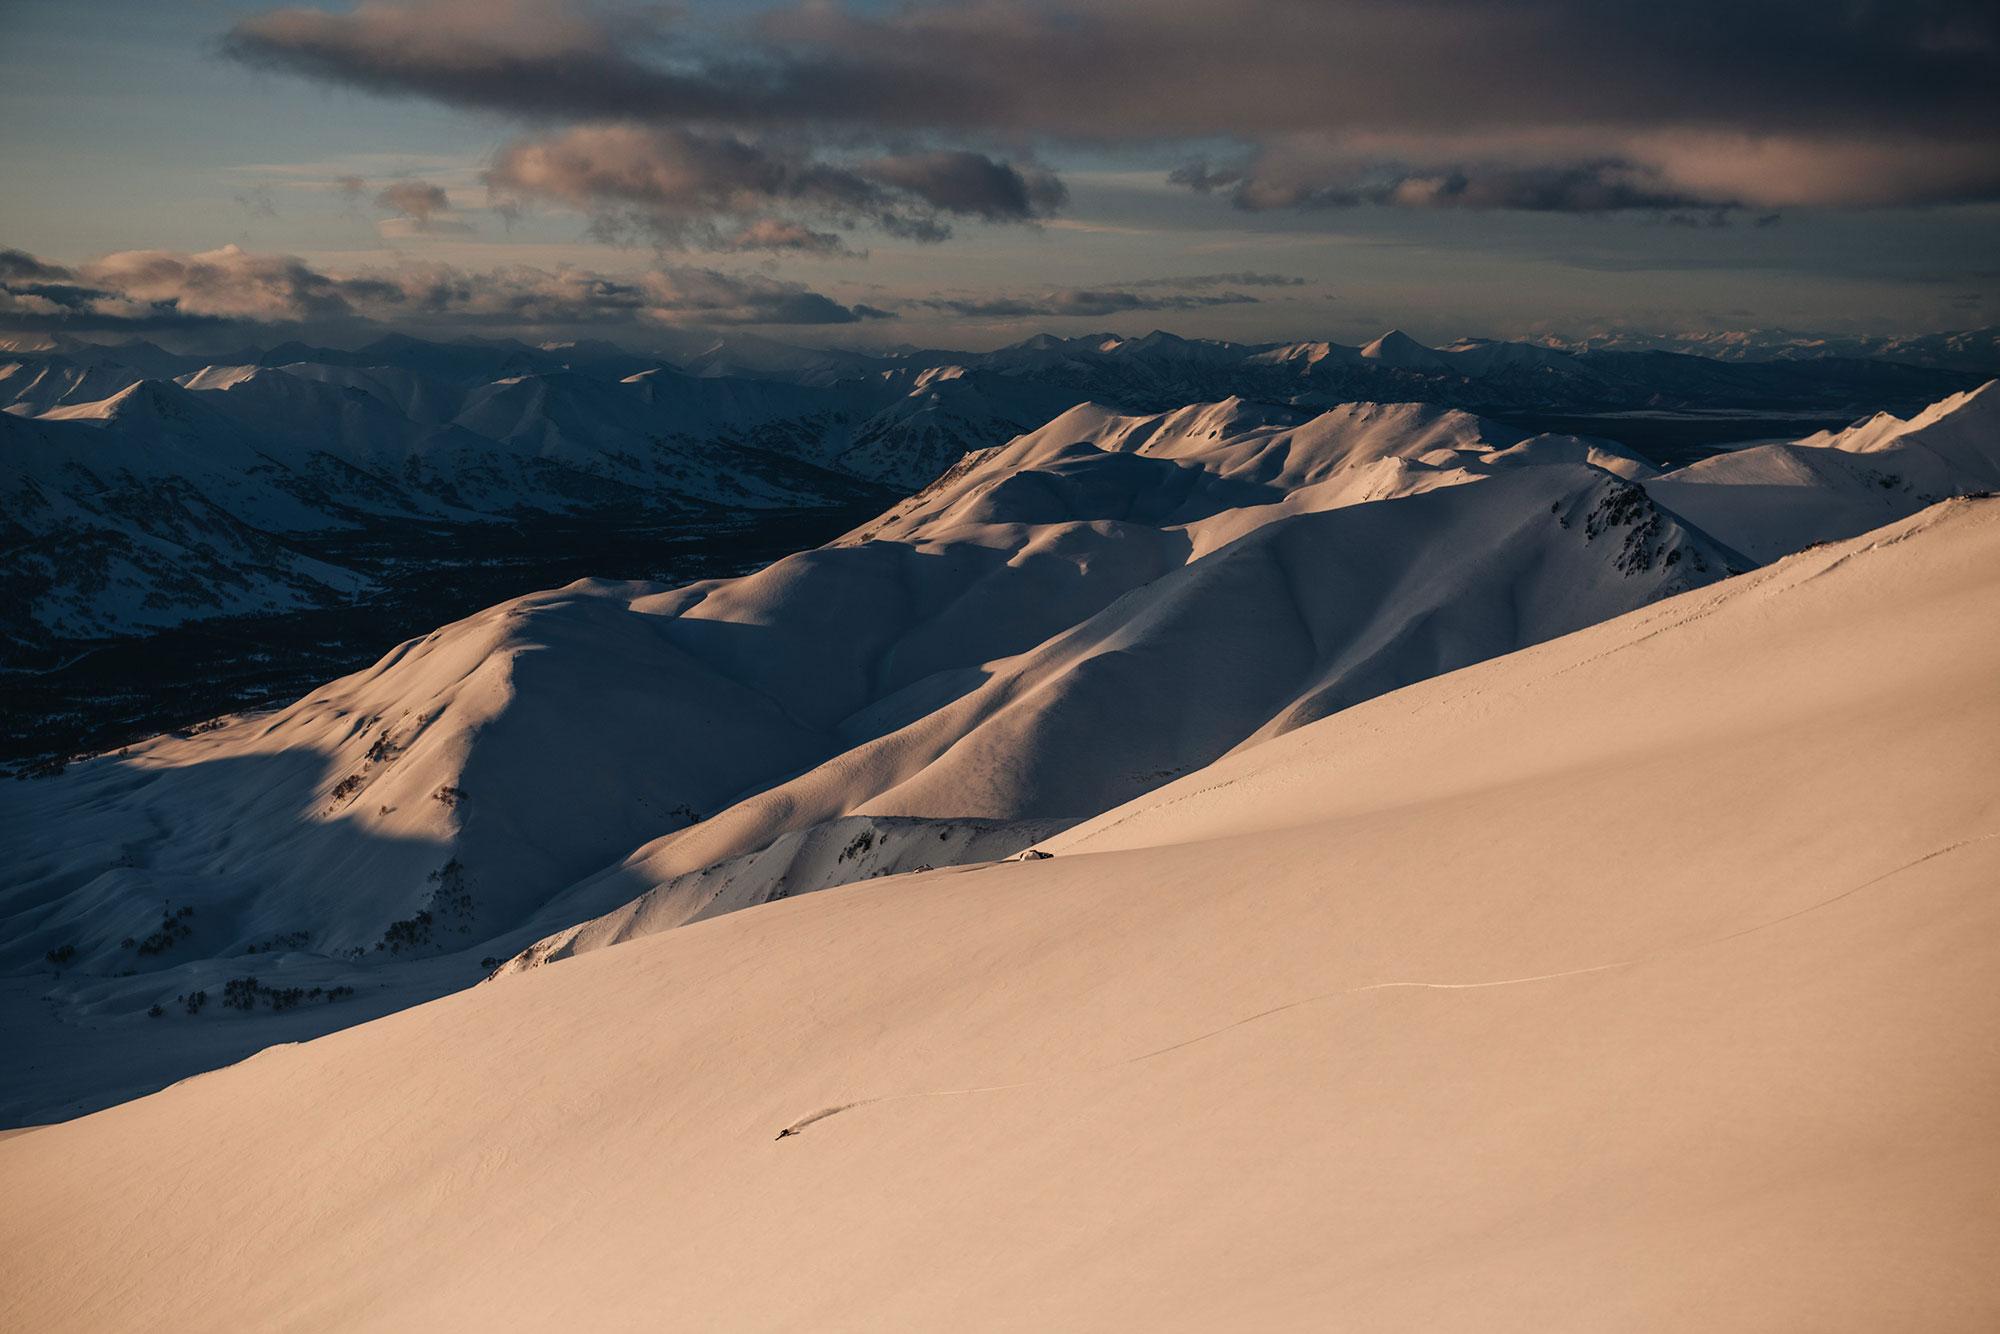 AKP_Kamchatka_Ski_LOW-5780